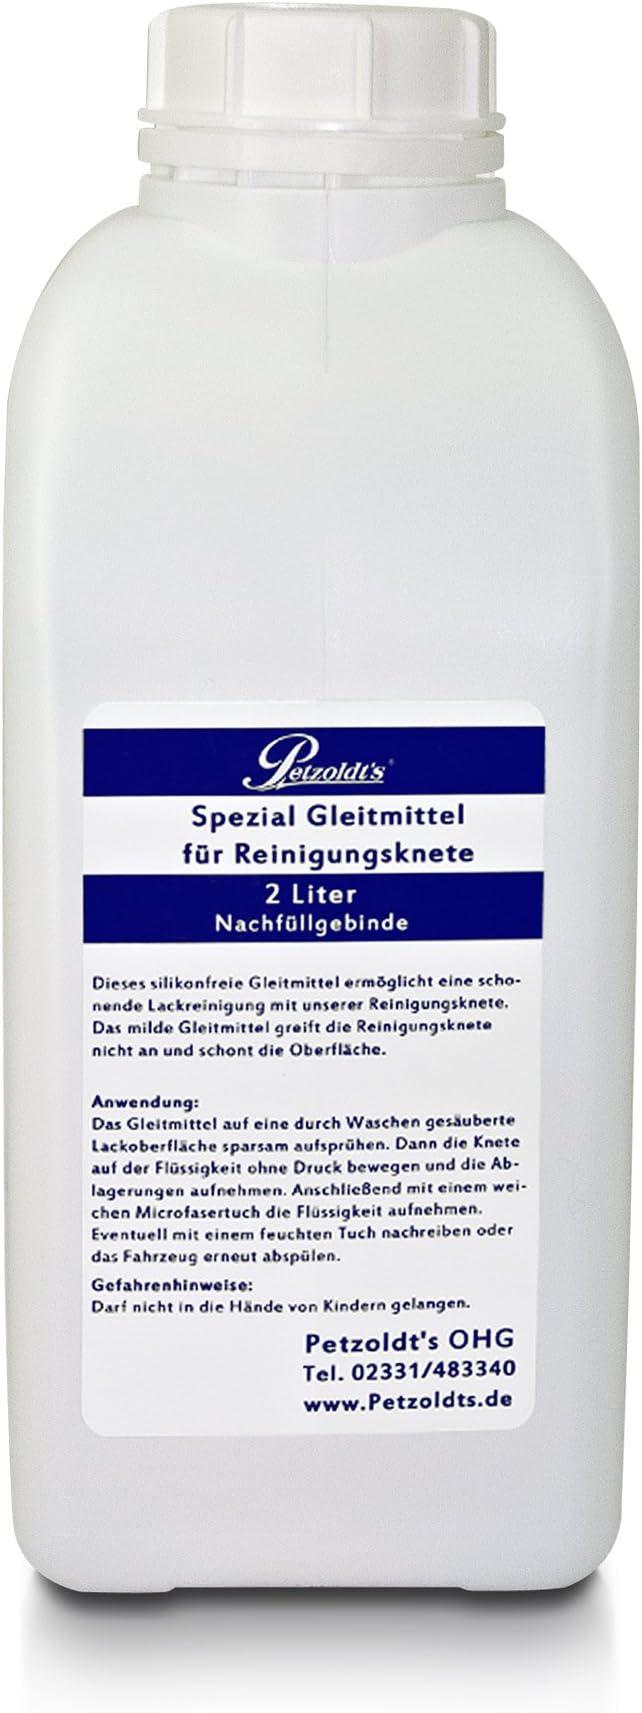 2 Liter Gleitmittel Für Petzoldts Reinigungsknete Zur Sicheren Anwendung Auto